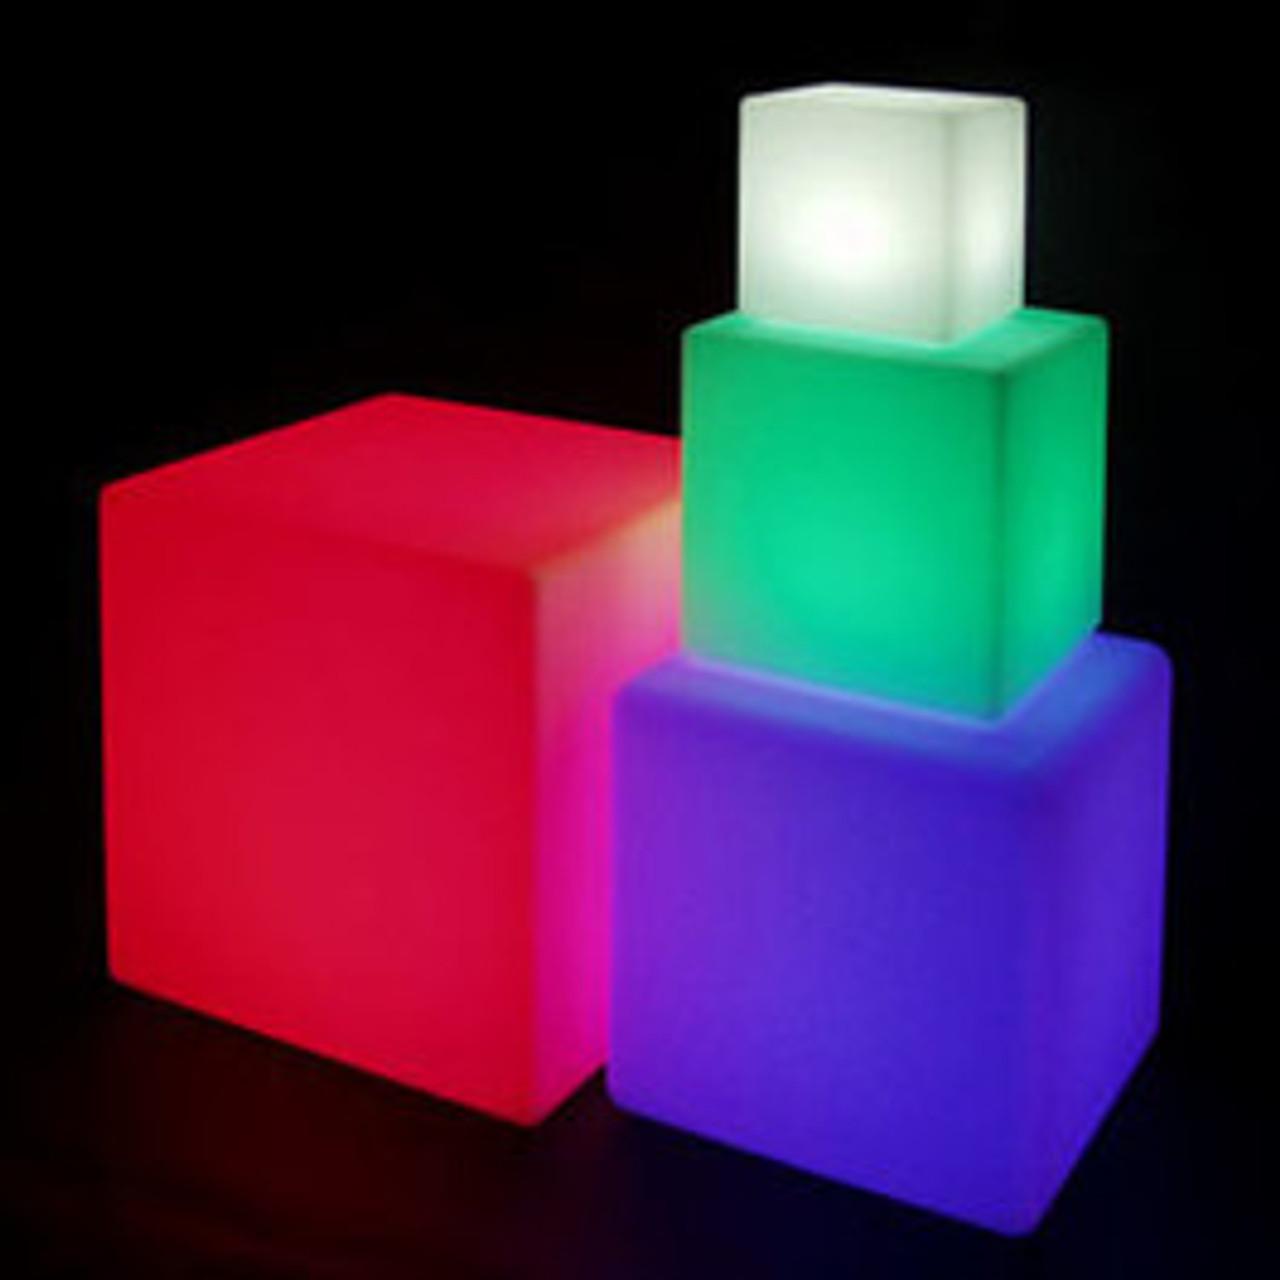 Light Cubes & Orbs